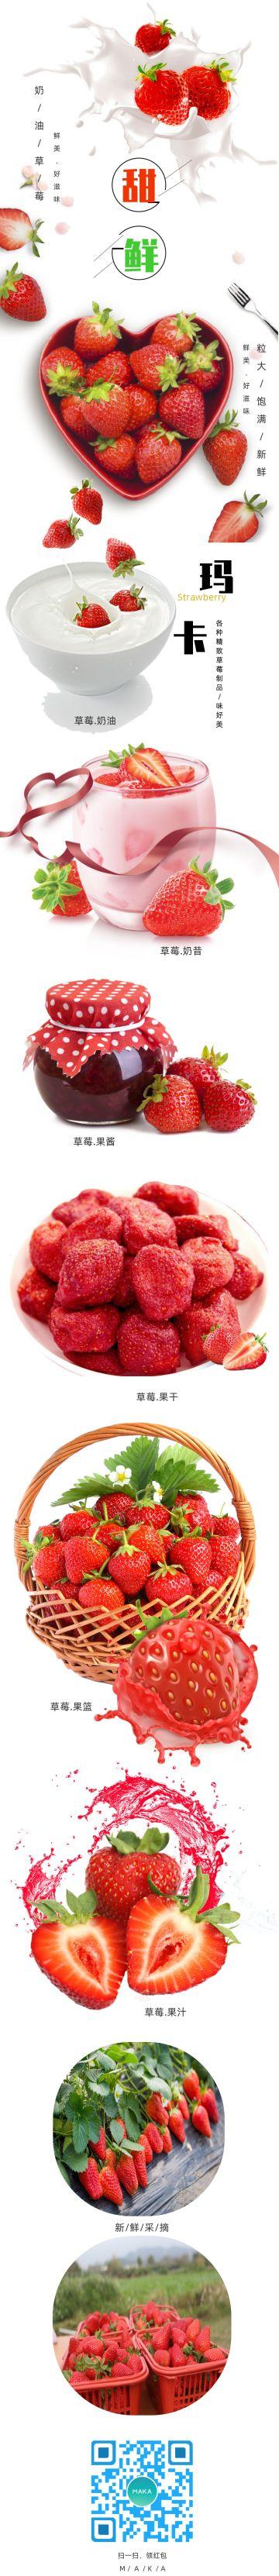 新鲜水果草莓制品清新唯美电商产品详情